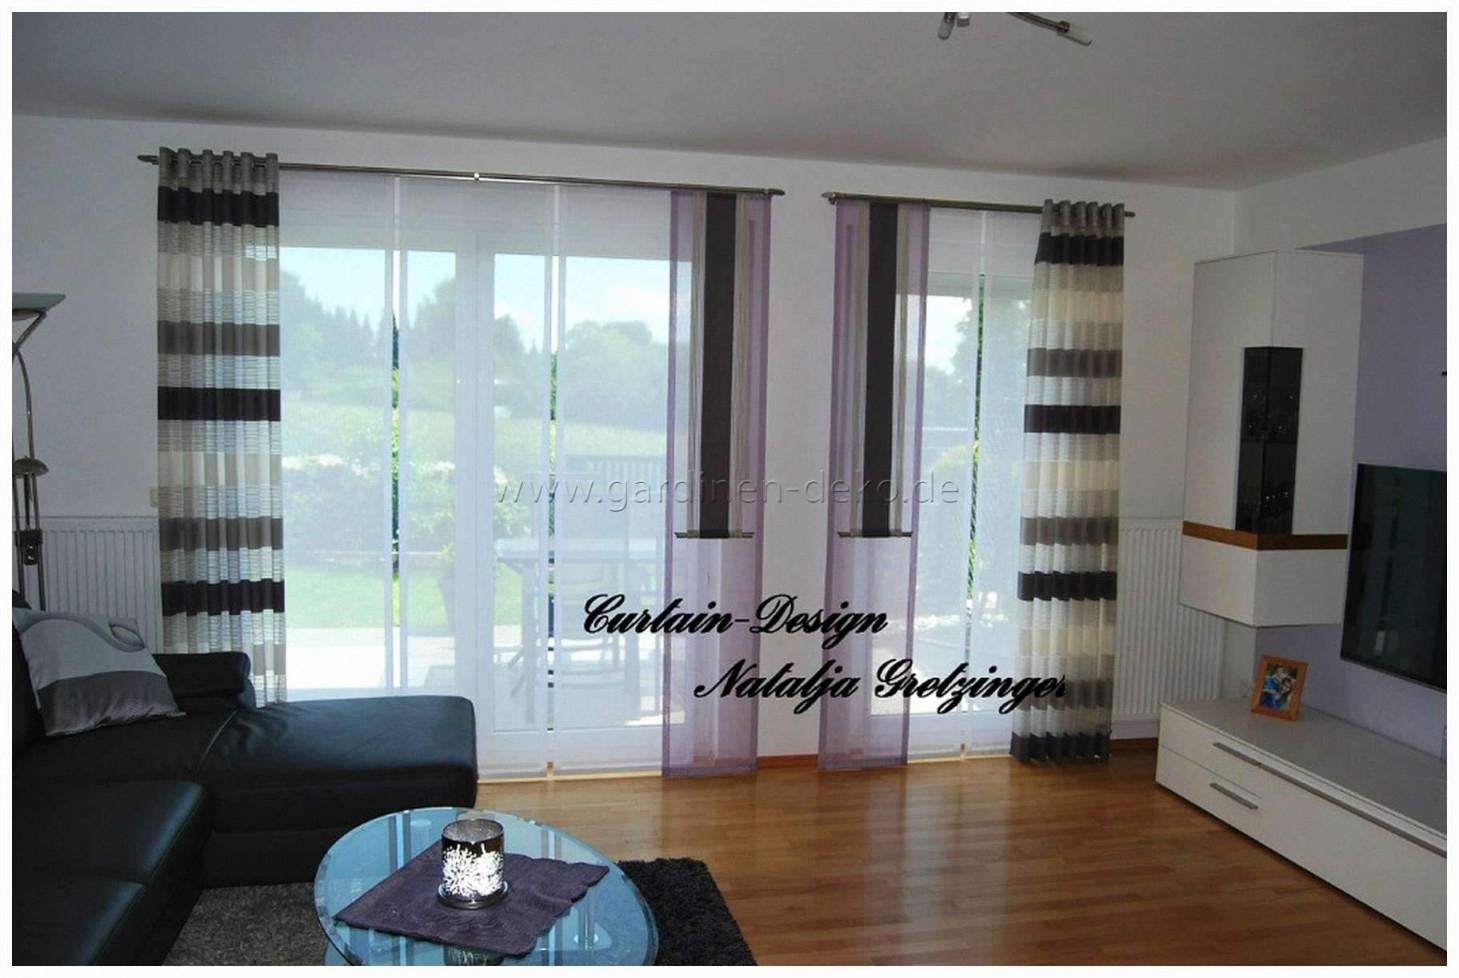 36 Frisch Wohnzimmer Gardinen Mit Balkontür Inspirierend von Gardinen Wohnzimmer Mit Balkontür Photo